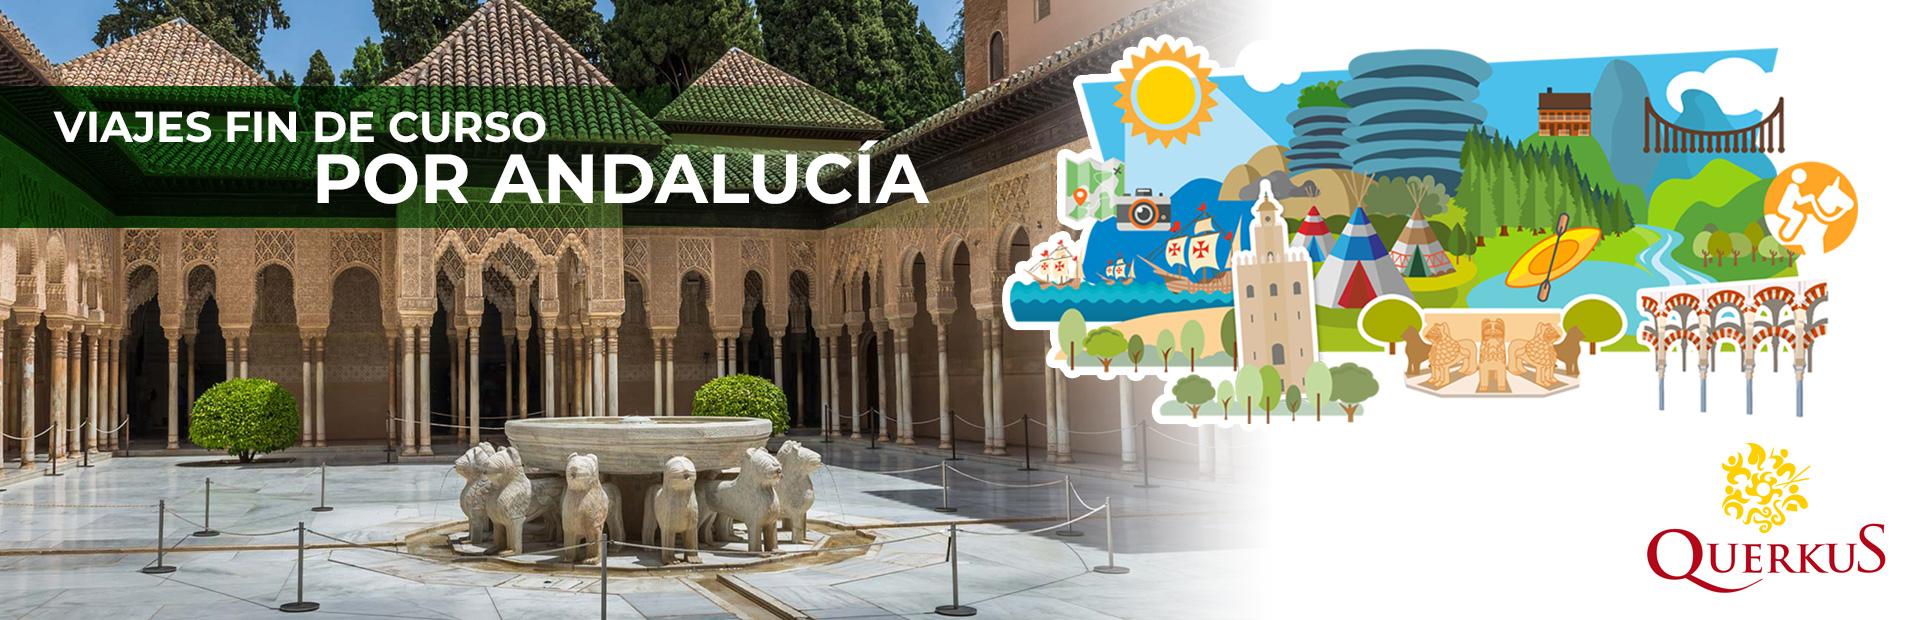 Viajes fin de curso Andalucía